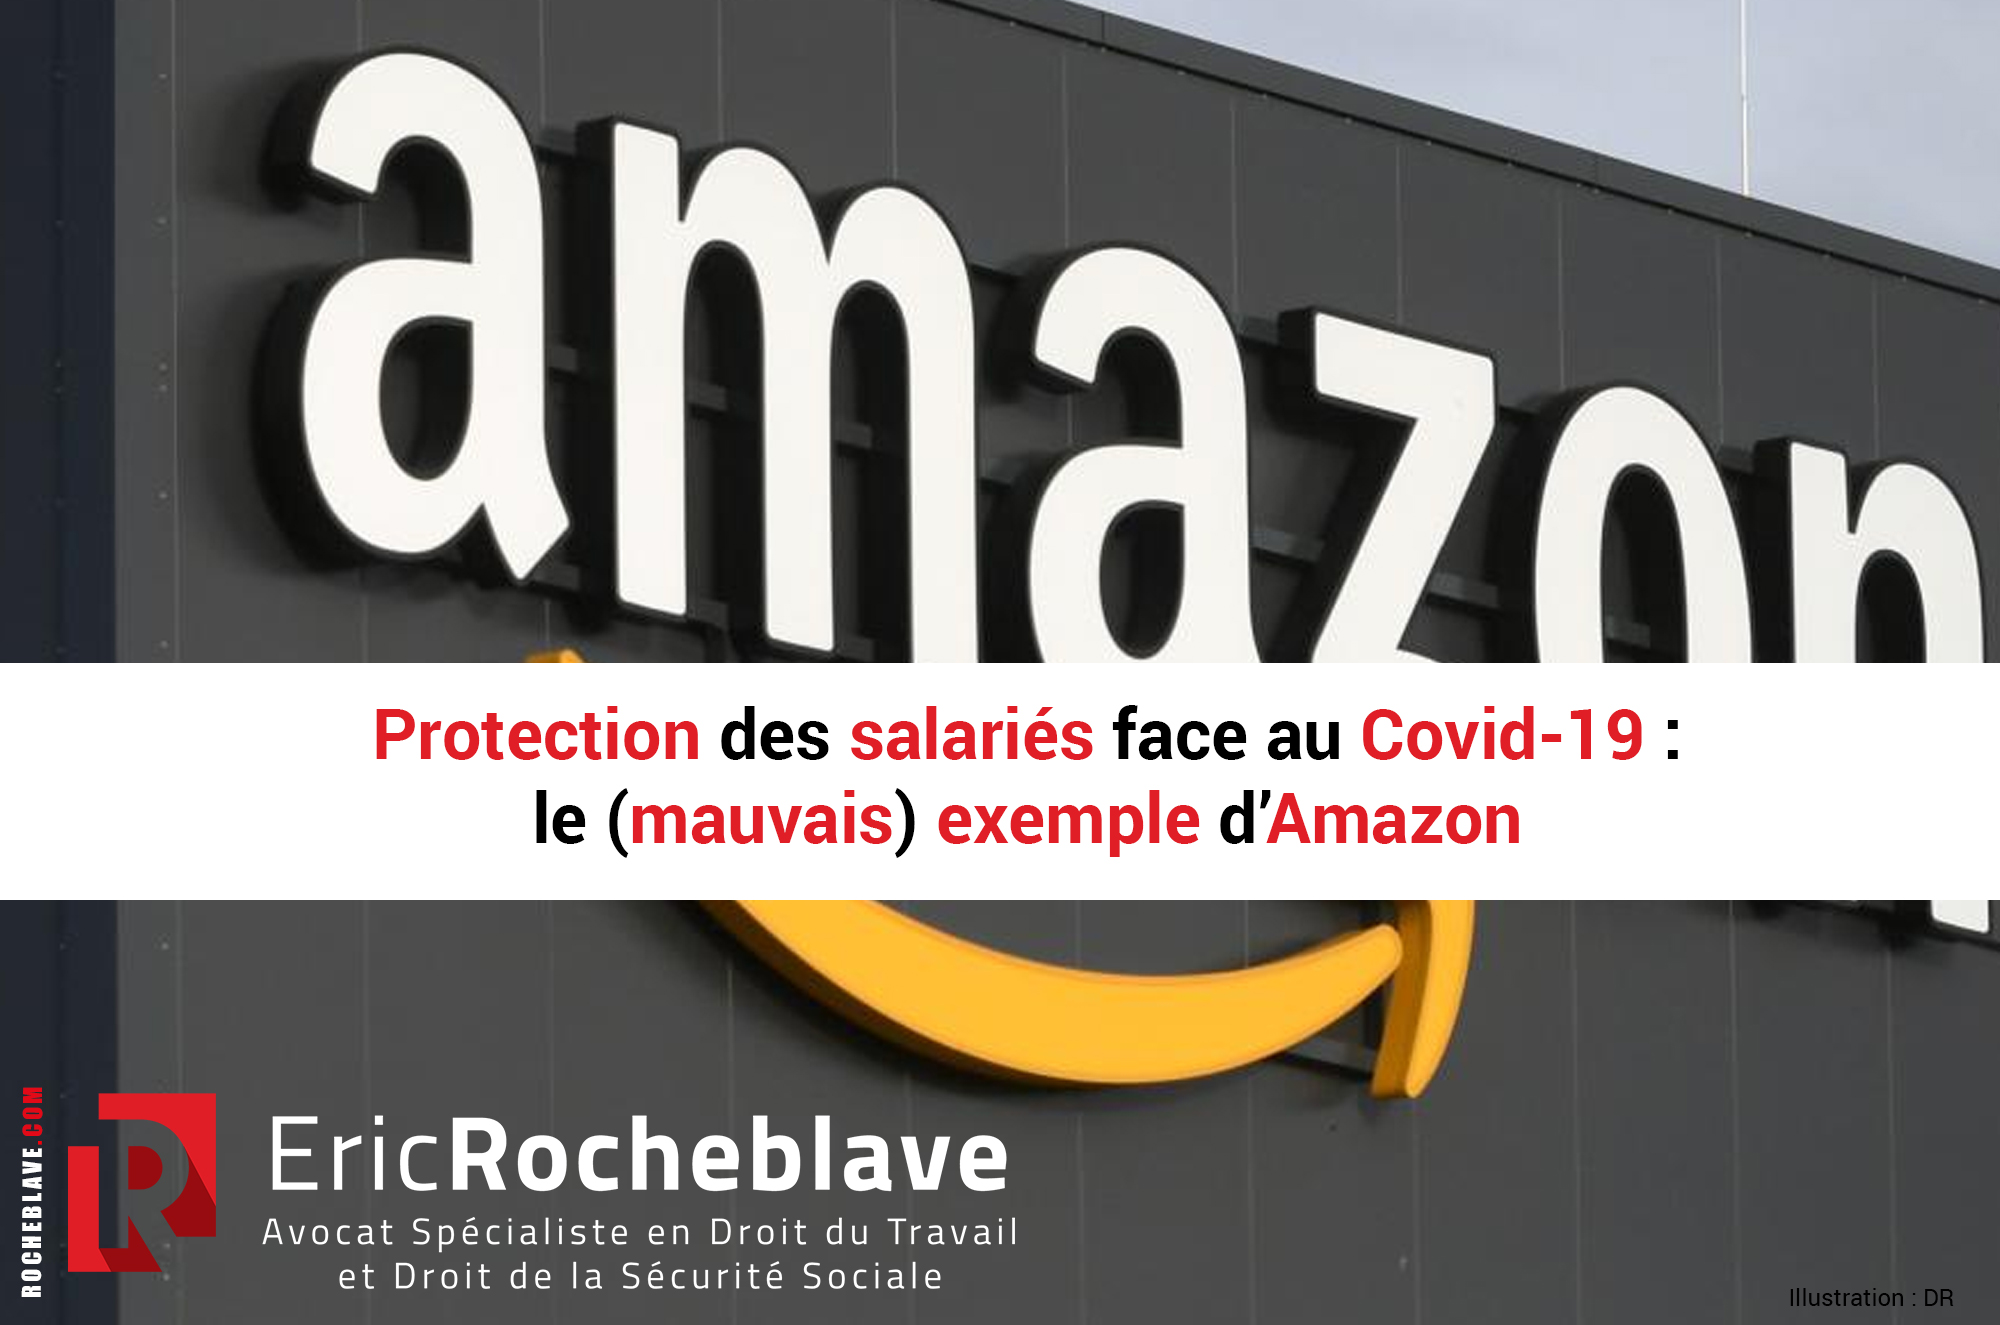 Protection des salariés face au Covid-19 : le (mauvais) exemple d'Amazon